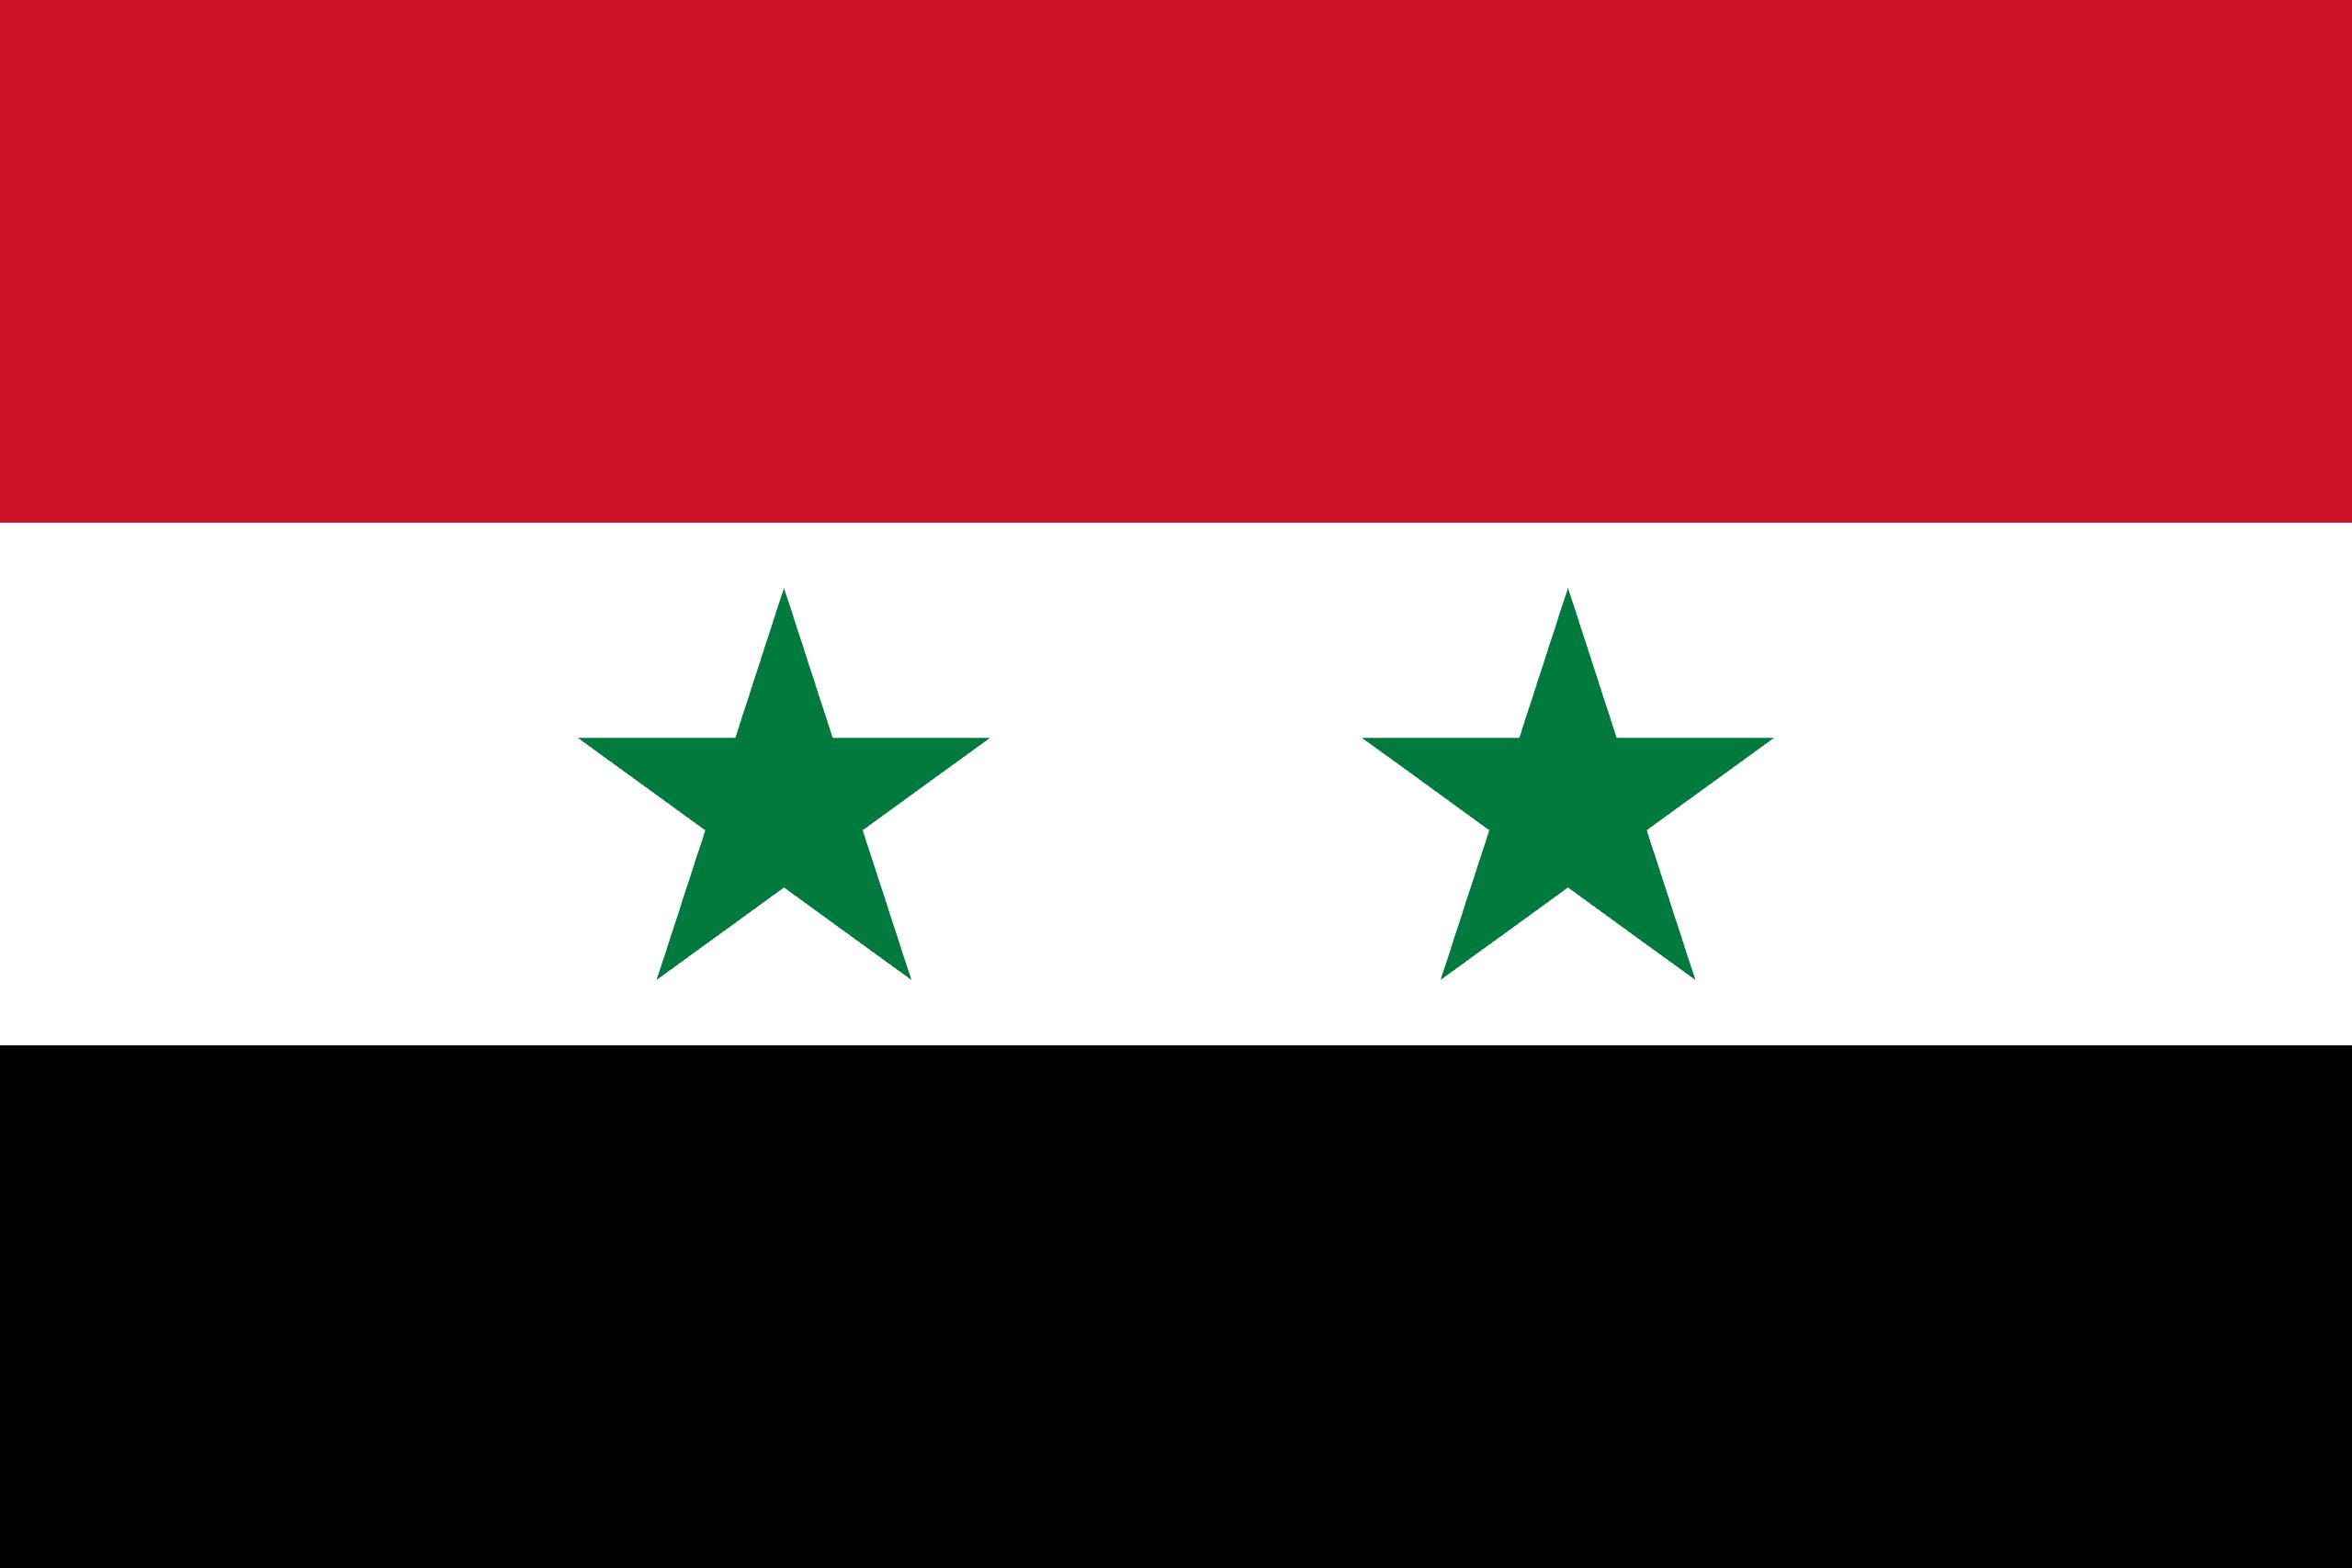 Laden Sie Eine Flagge Oder Verwenden Sie Es Auf Websites